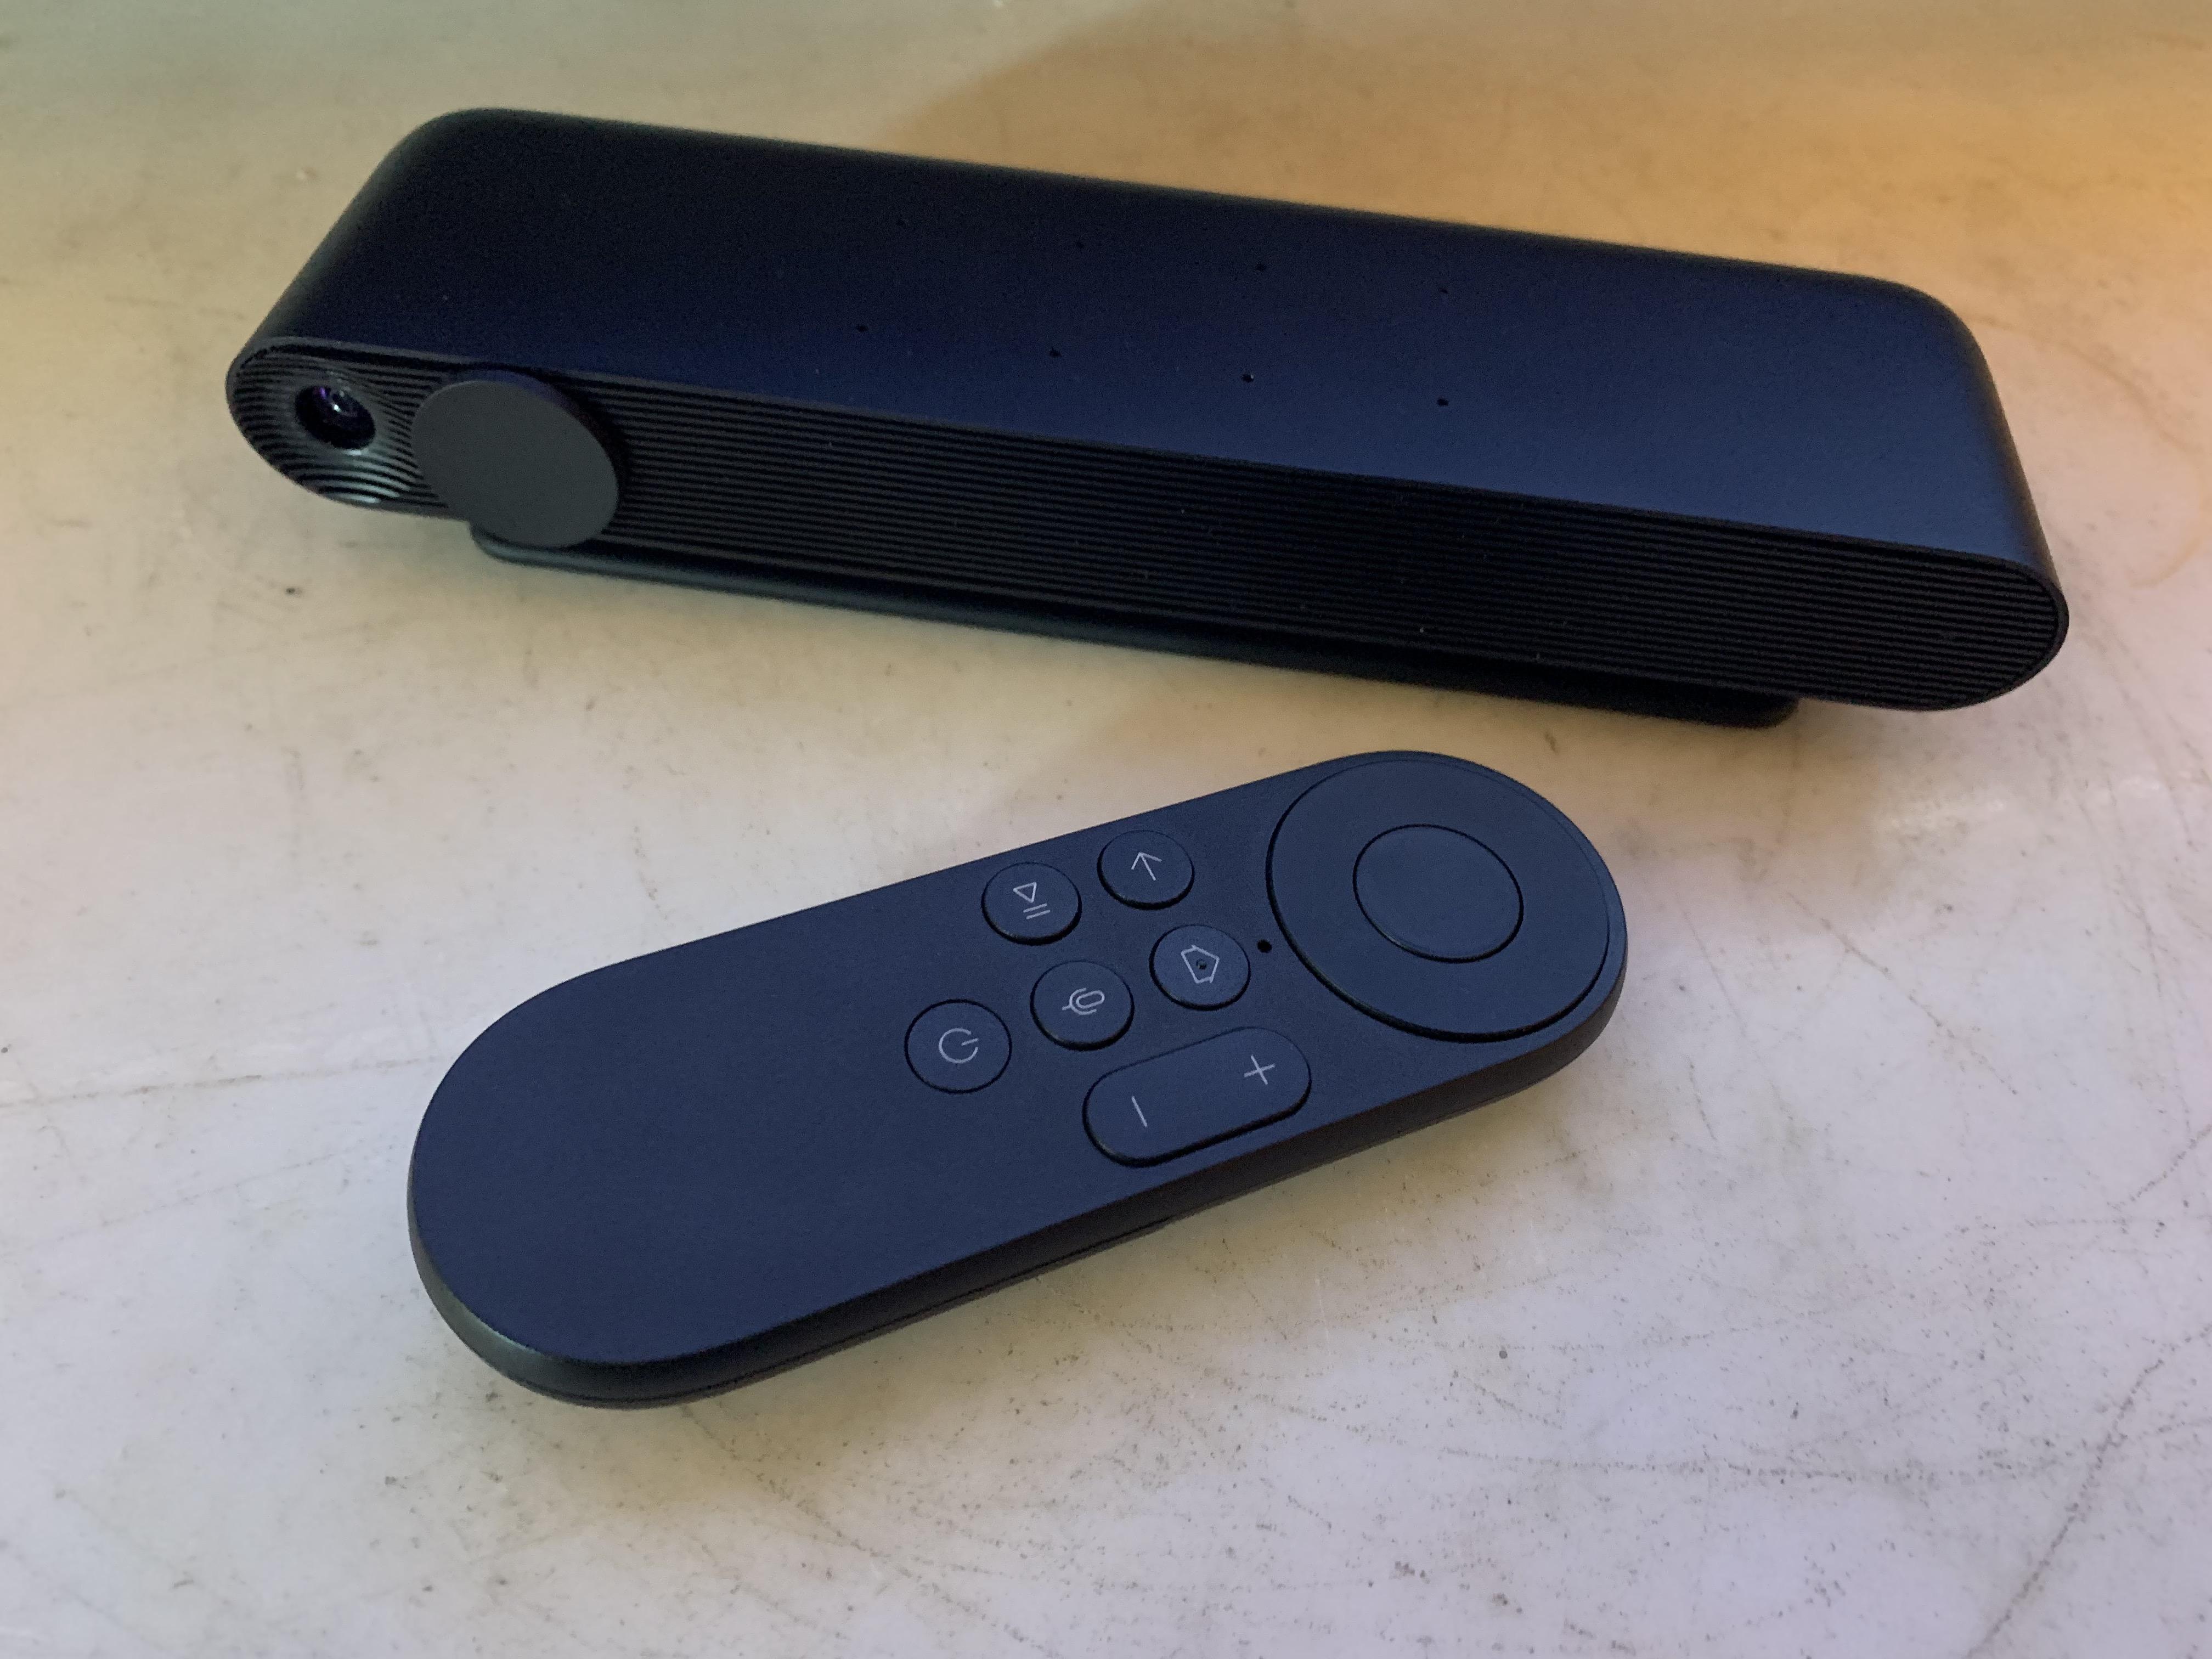 Portal TV and Remote